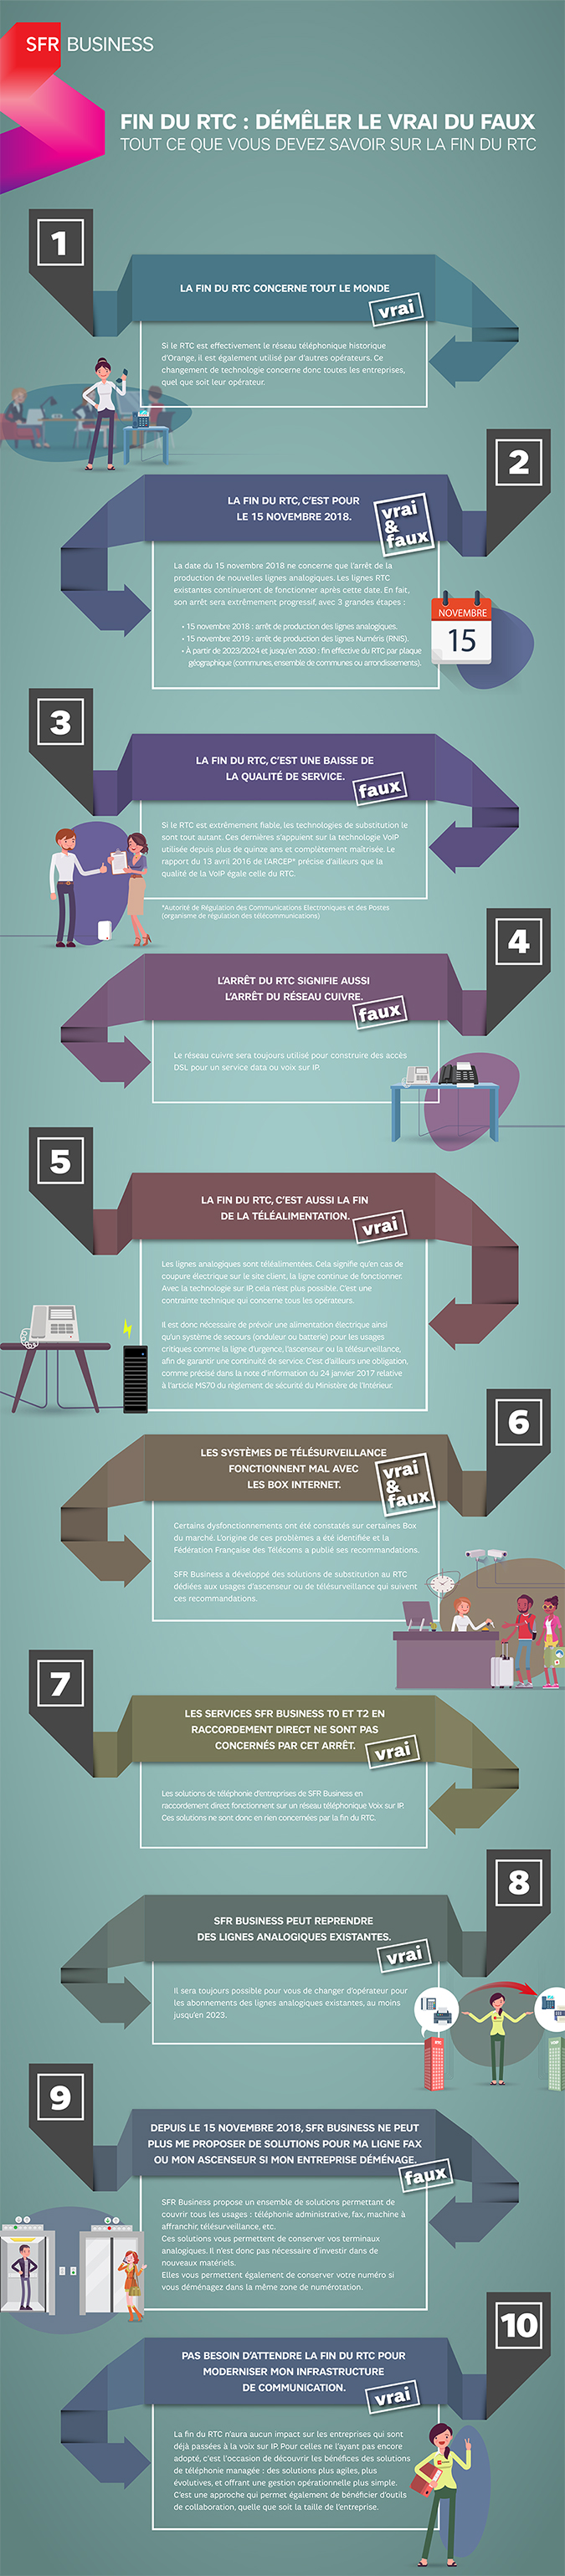 infographie fin du rtc